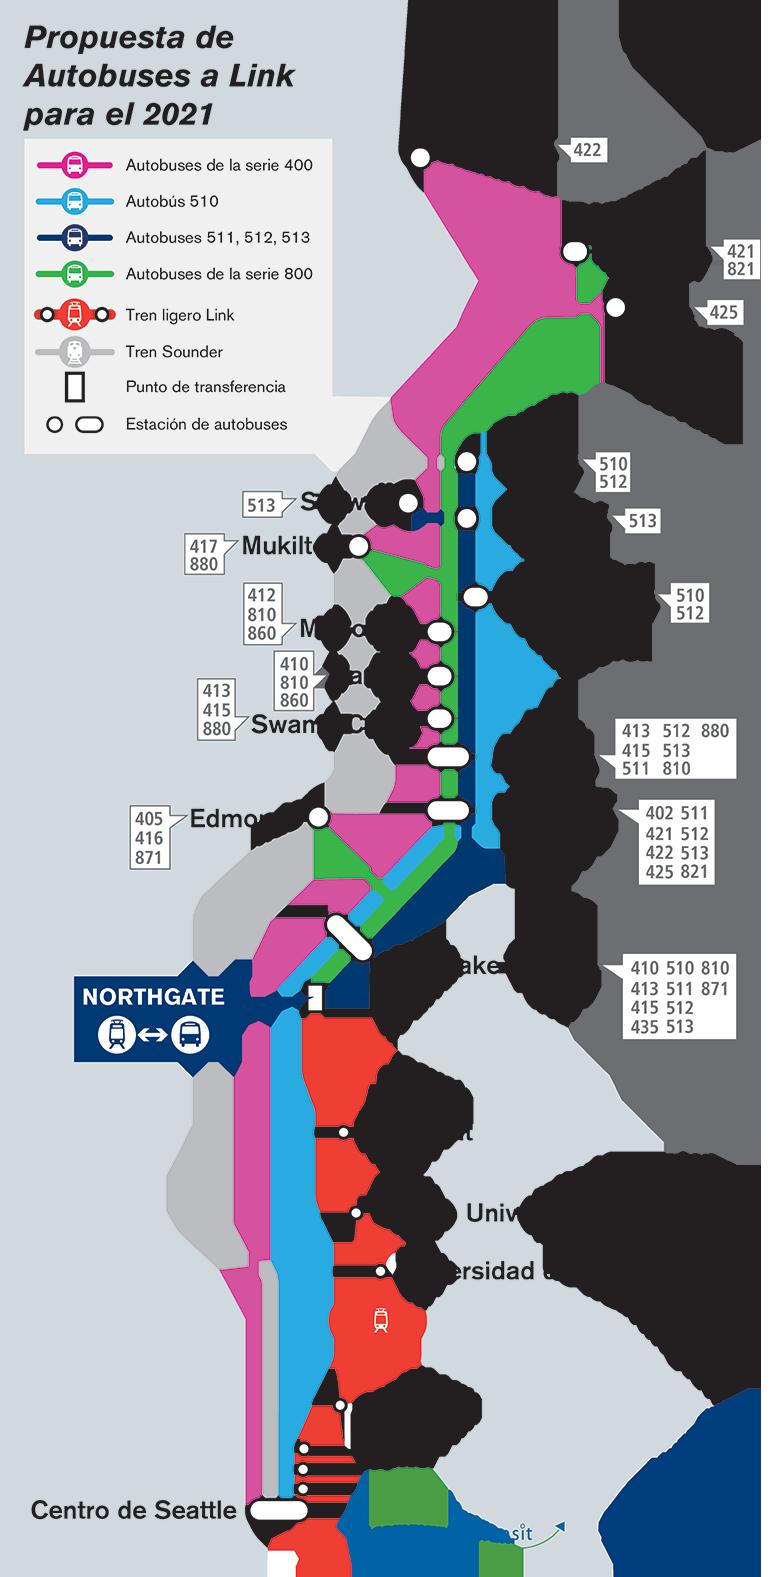 Mapa de los condados de Snohomish y King que muestra el bosquejo del servicio propuesto para Sound Transit y Community Transit. Las rutas terminarán en la estación Northgate o continuarán hacia el centro de Seattle.